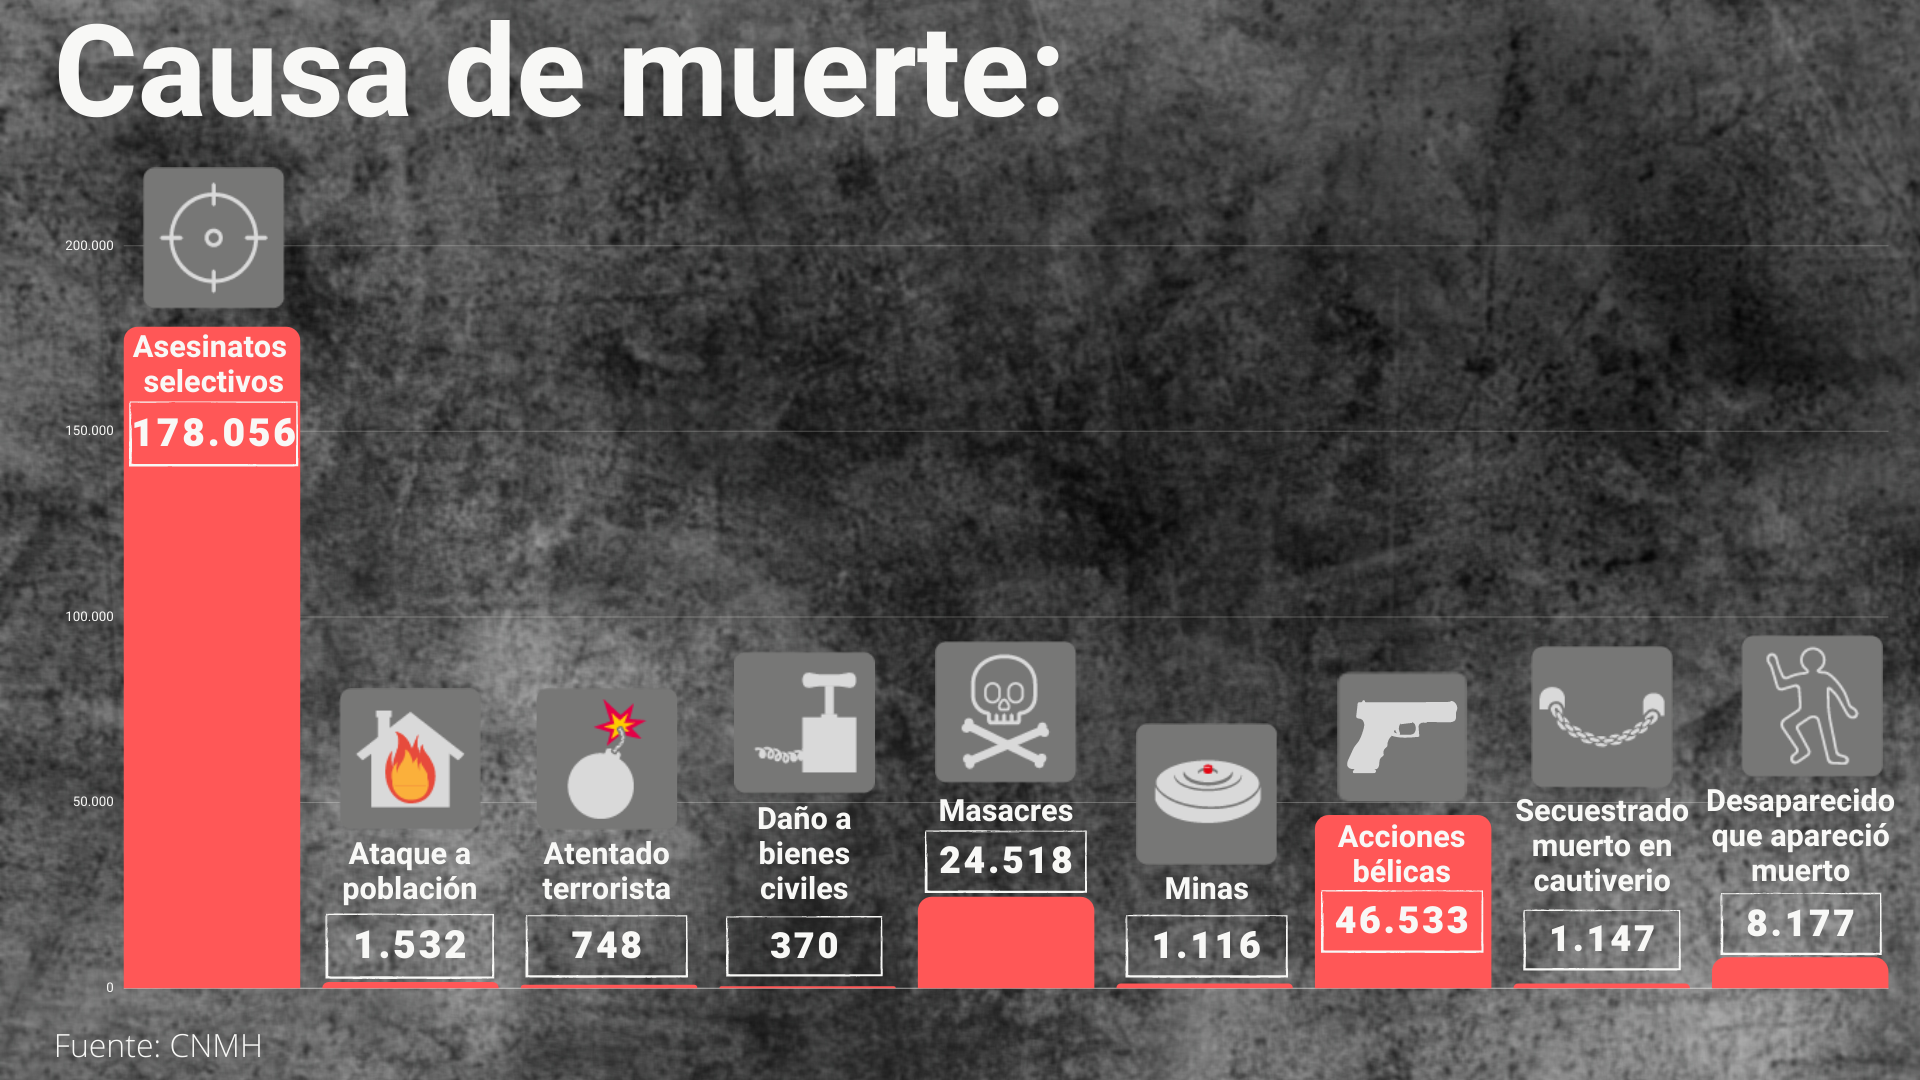 Principales causas de muerte por el conflicto armado en Colombia.